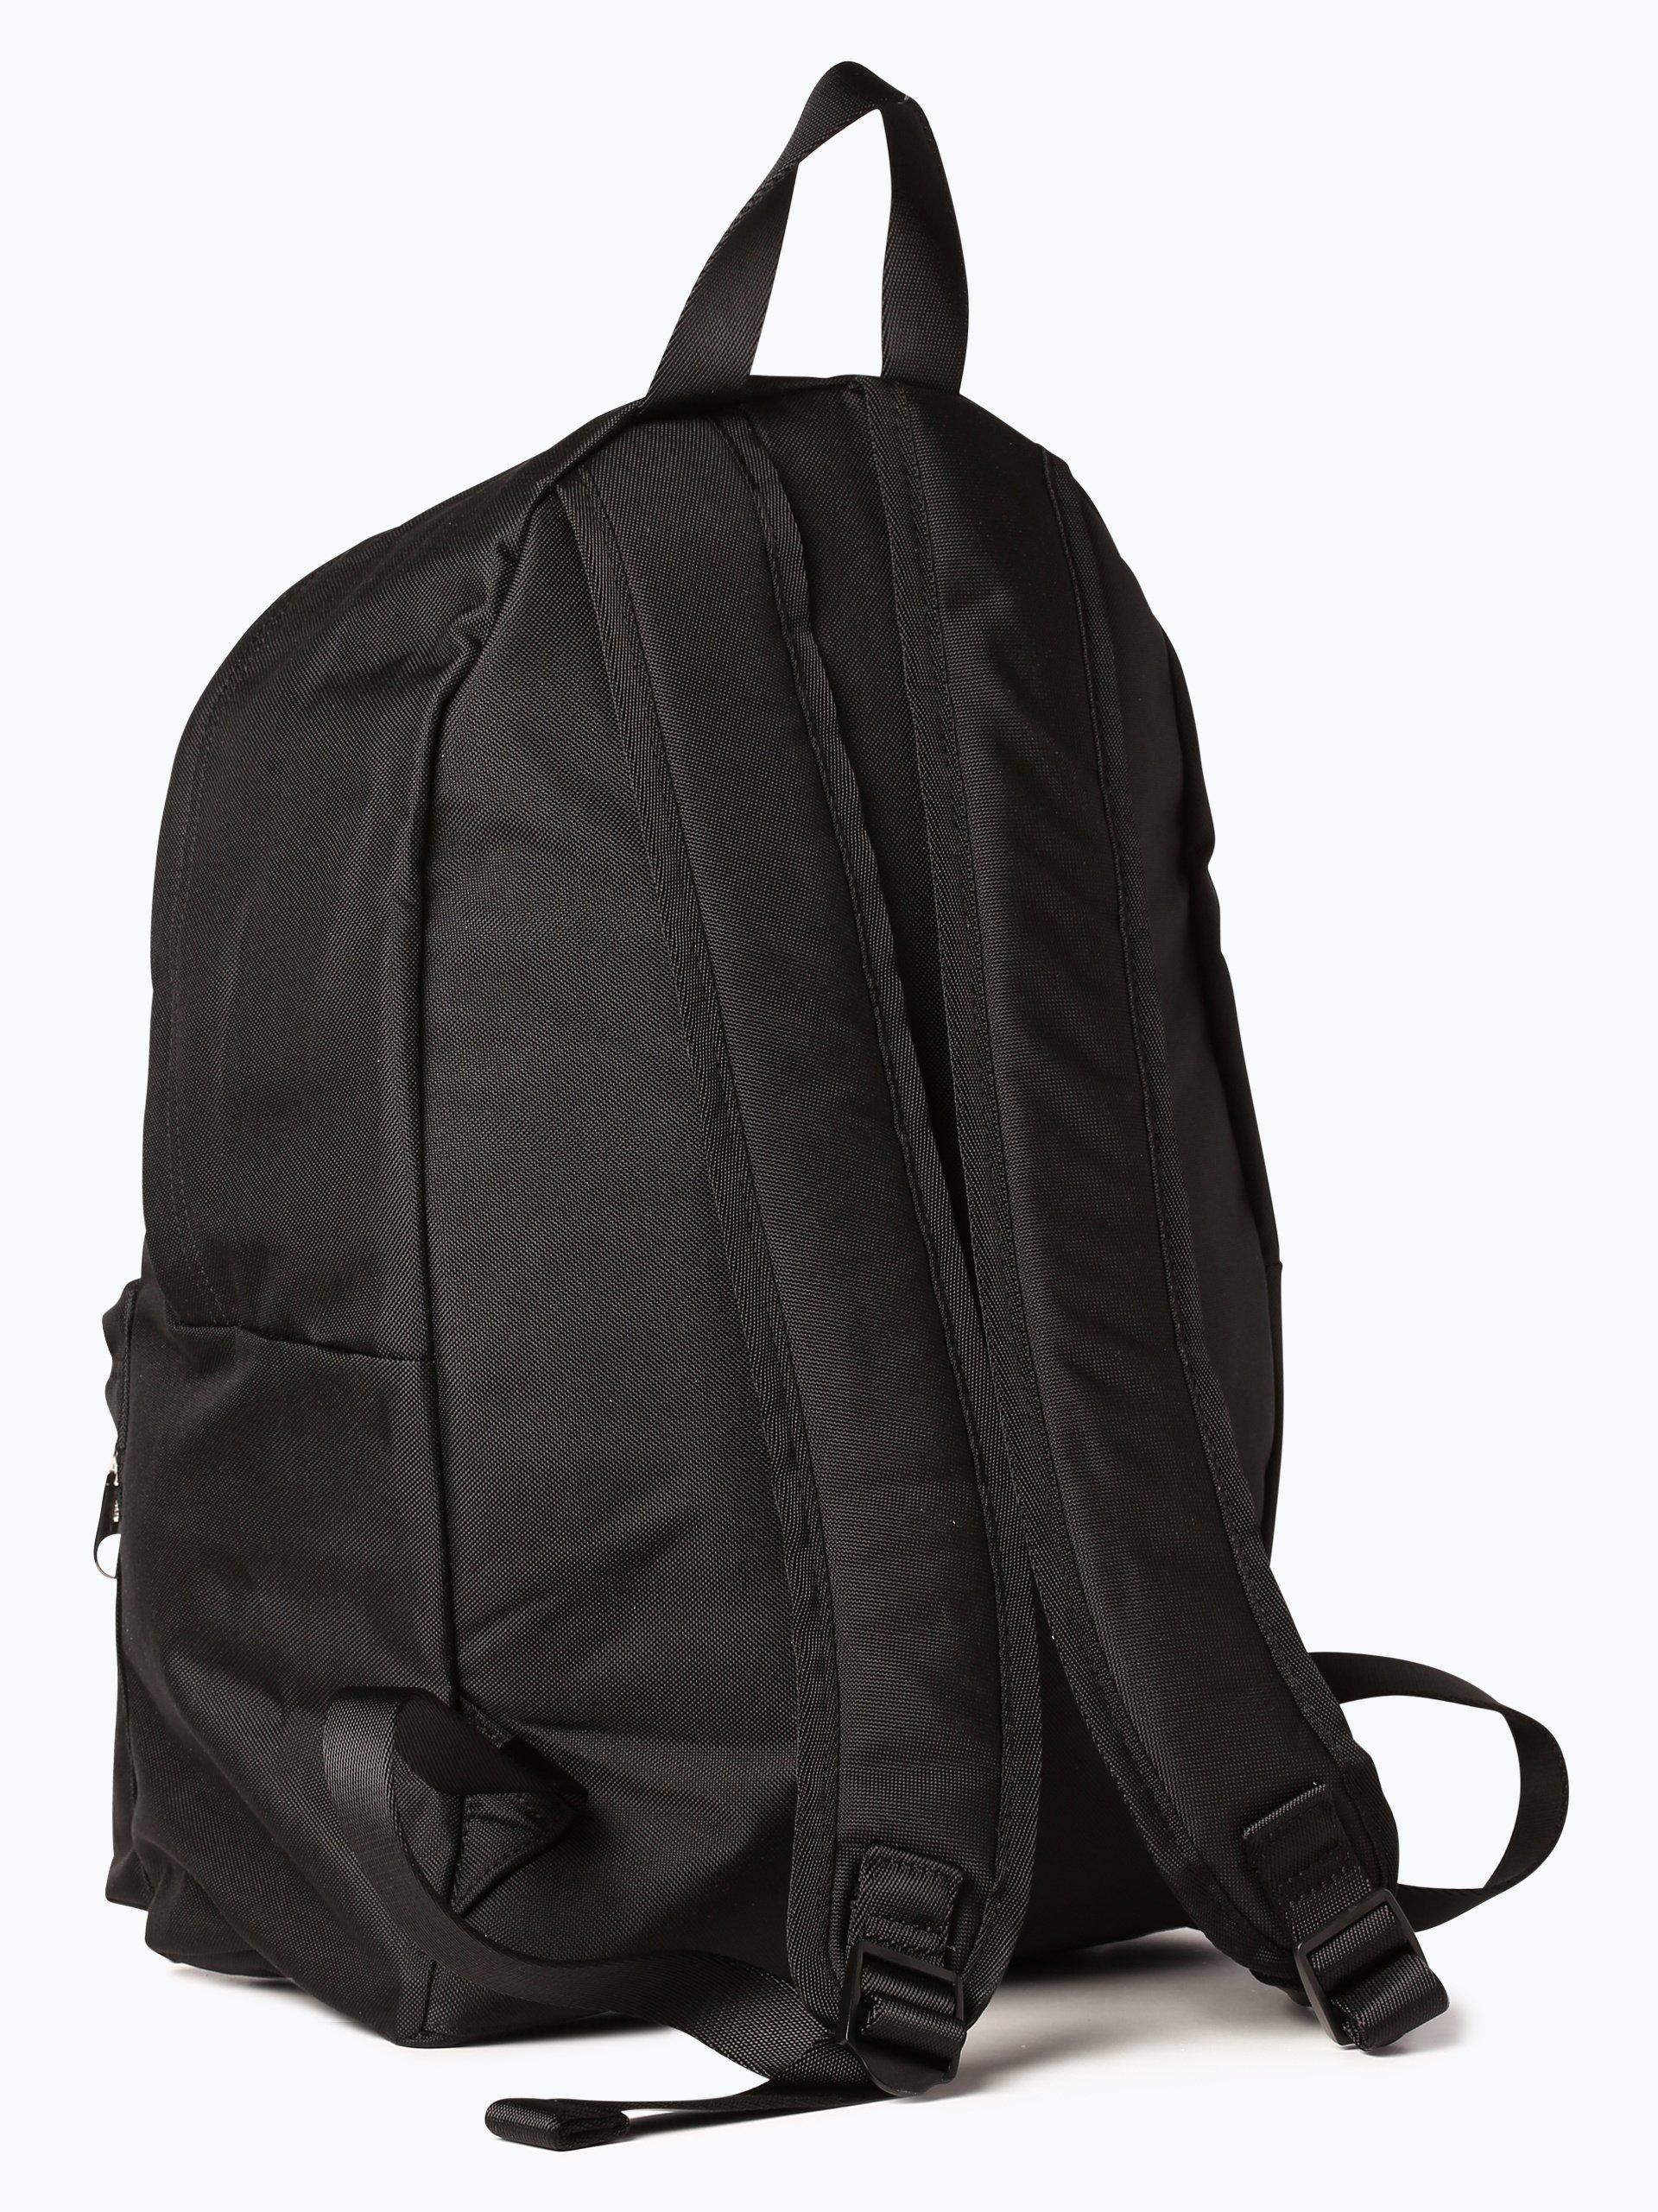 calvin klein jeans herren rucksack mit leder anteil schwarz uni online kaufen peek und. Black Bedroom Furniture Sets. Home Design Ideas